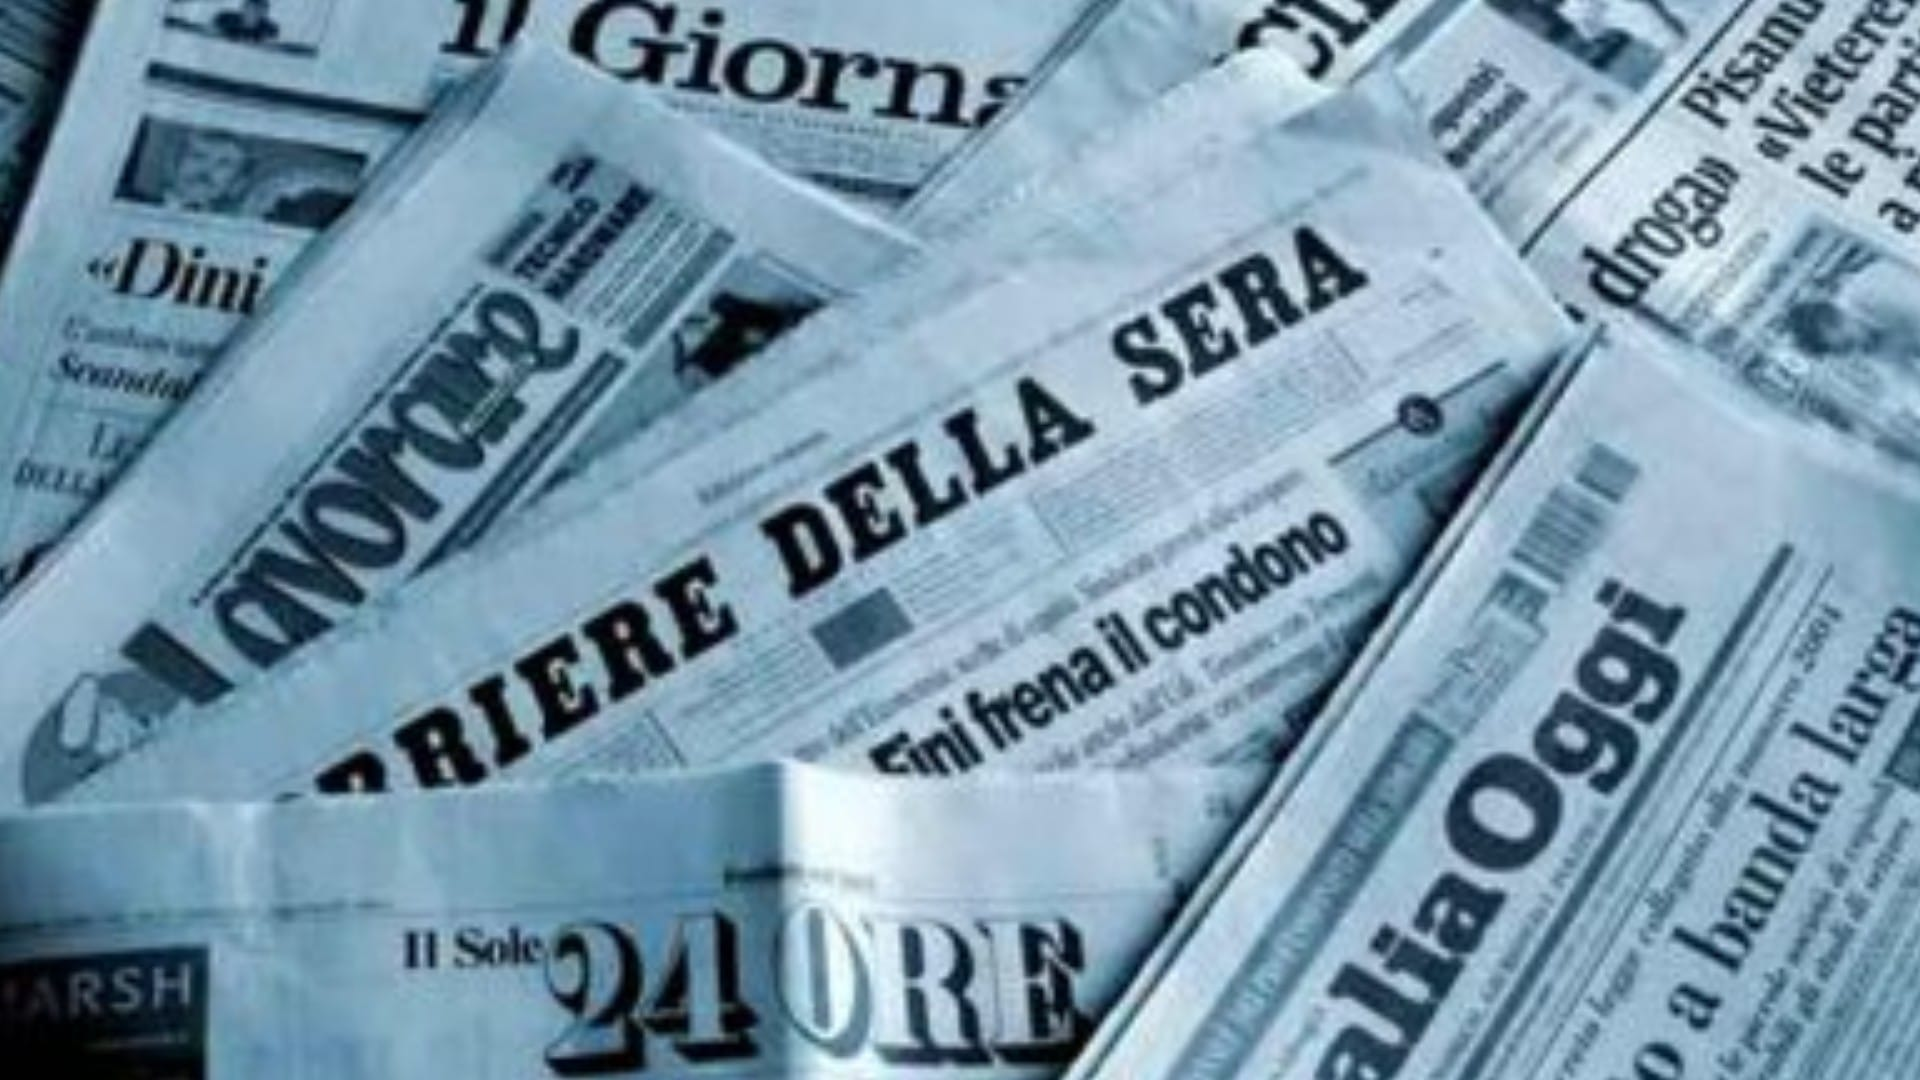 associazione-italiana-vittime-di-malagiustizia-selezione-rassegna-stampa